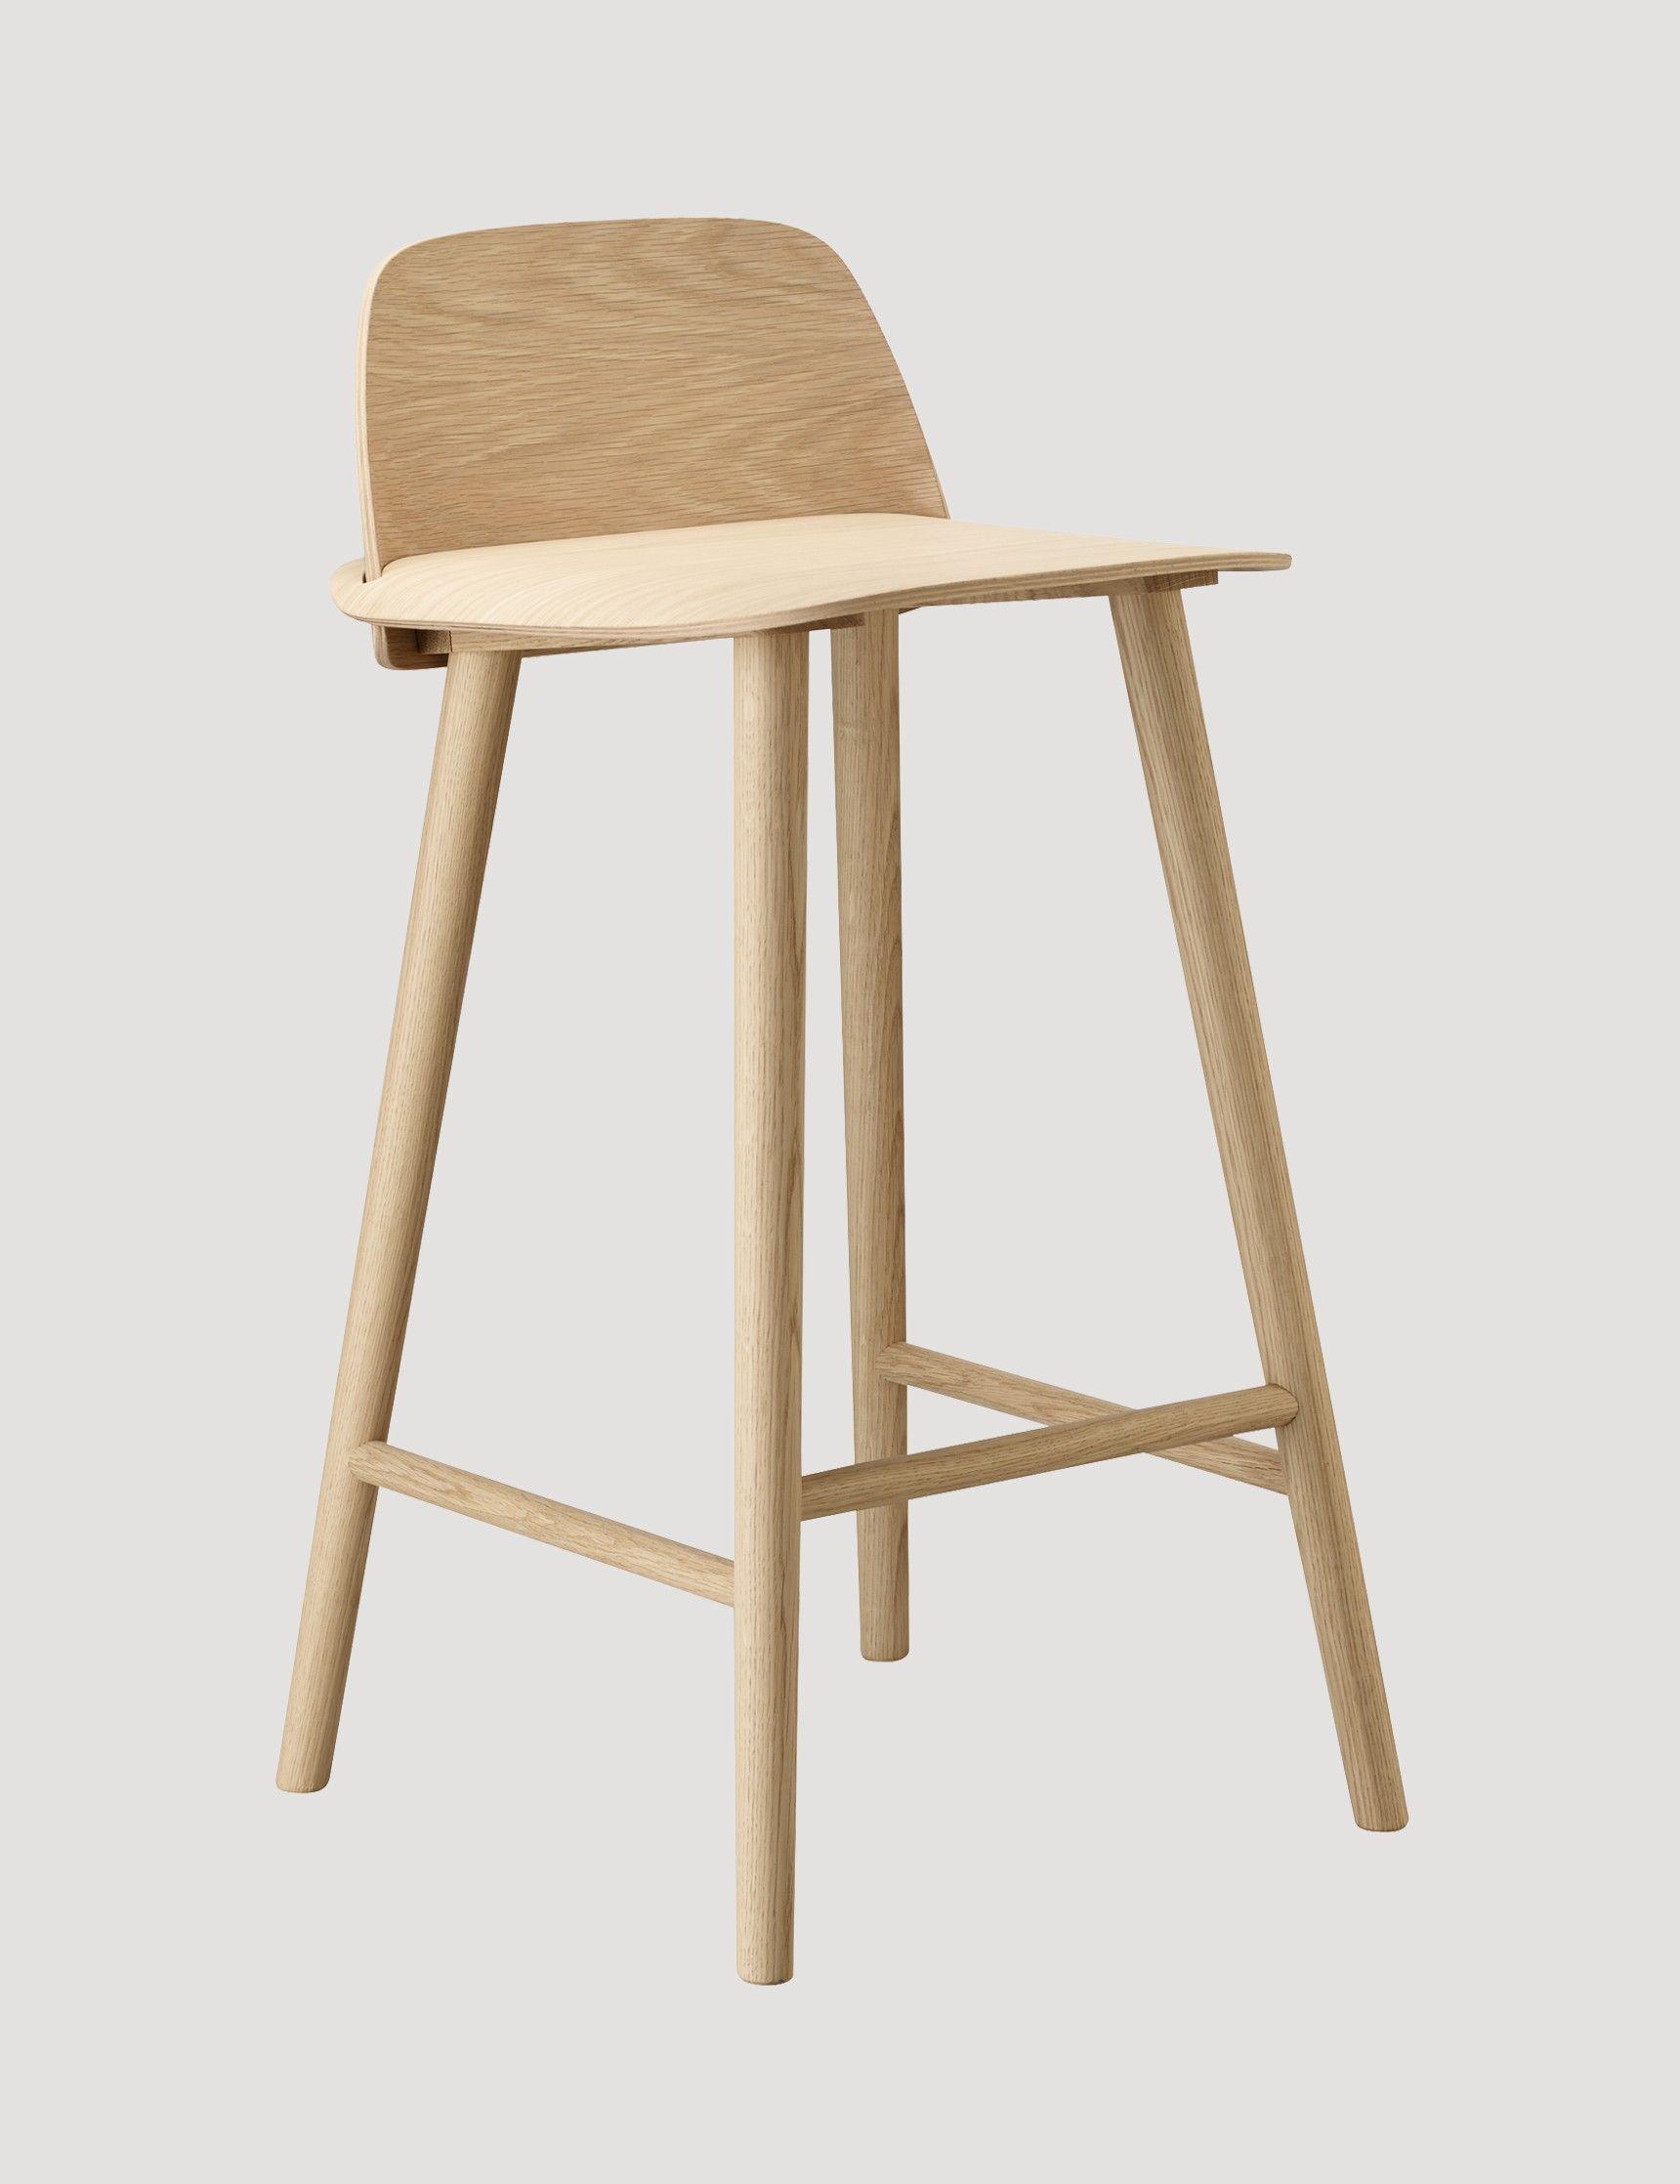 Nerd Bar Stool Furniture Design Chair Furniture Furniture Design